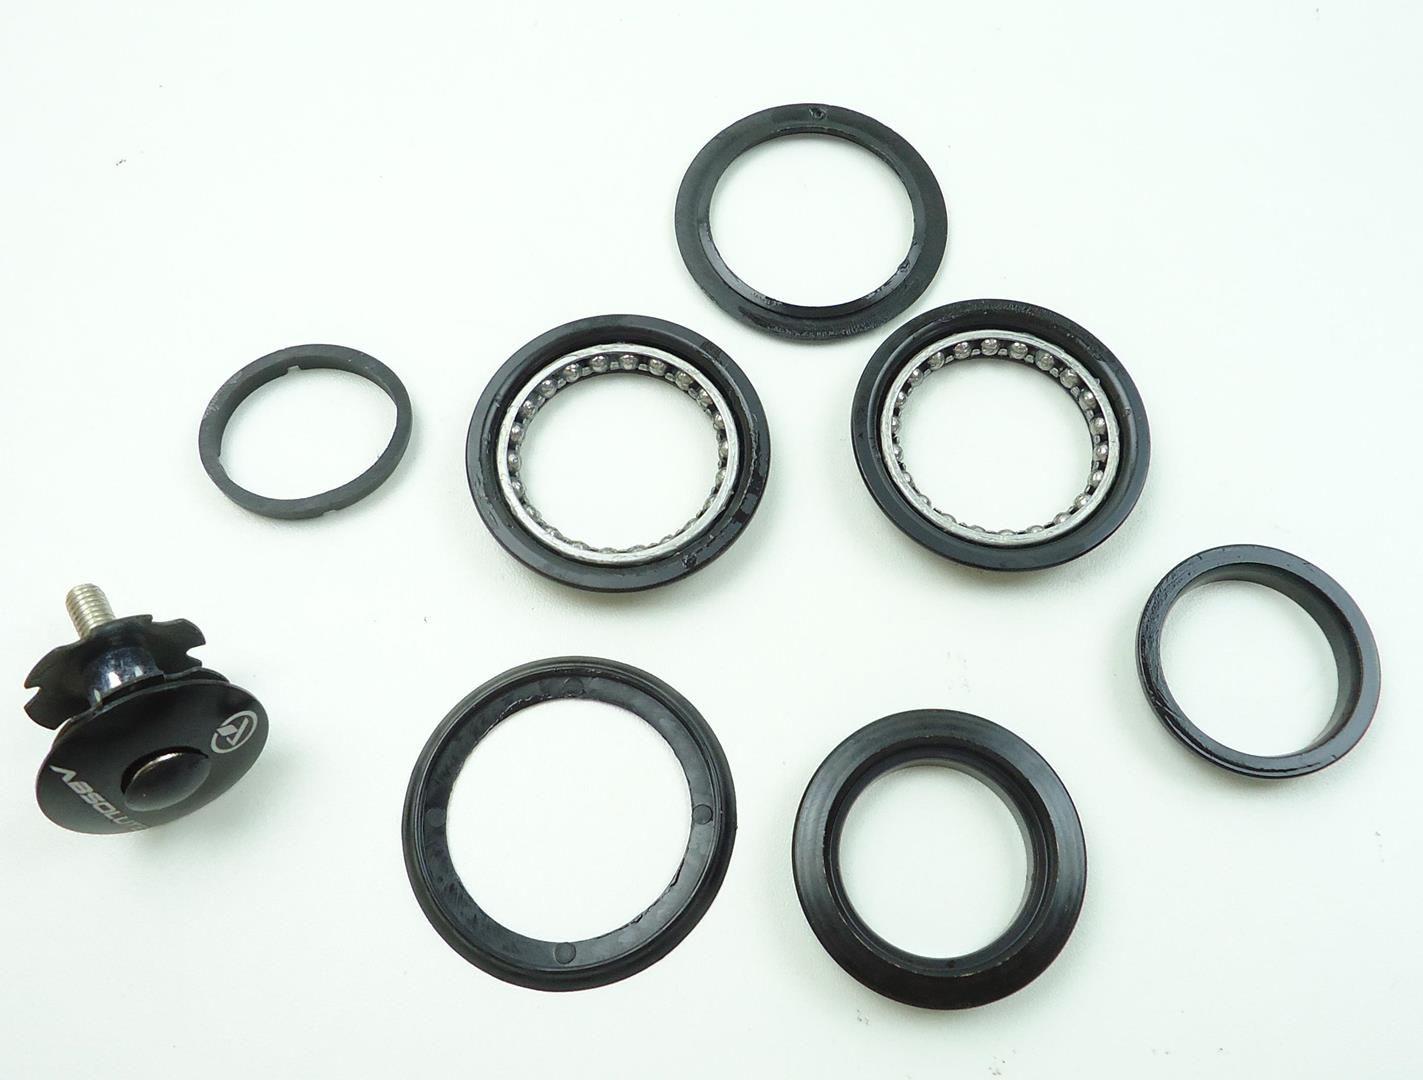 Caixa de Direção Absolute Megaover com Esferas Semi Integrada 44mm Para Quadros e Suspensões Espiga Reta